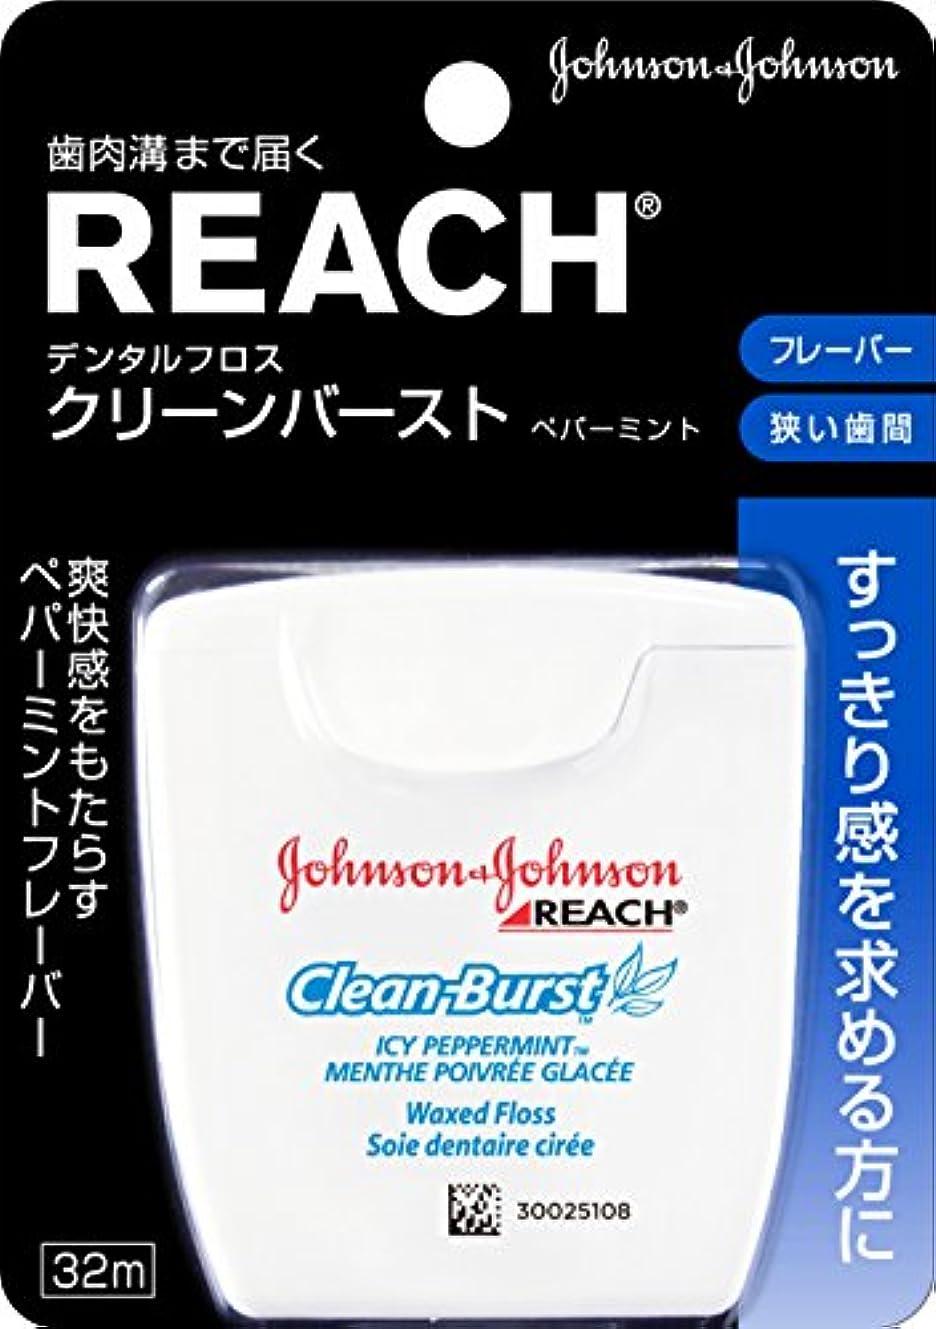 借りる個人的に海賊REACH(リーチ) デンタルフロス クリ-ンバ-スト ペパーミント 32m